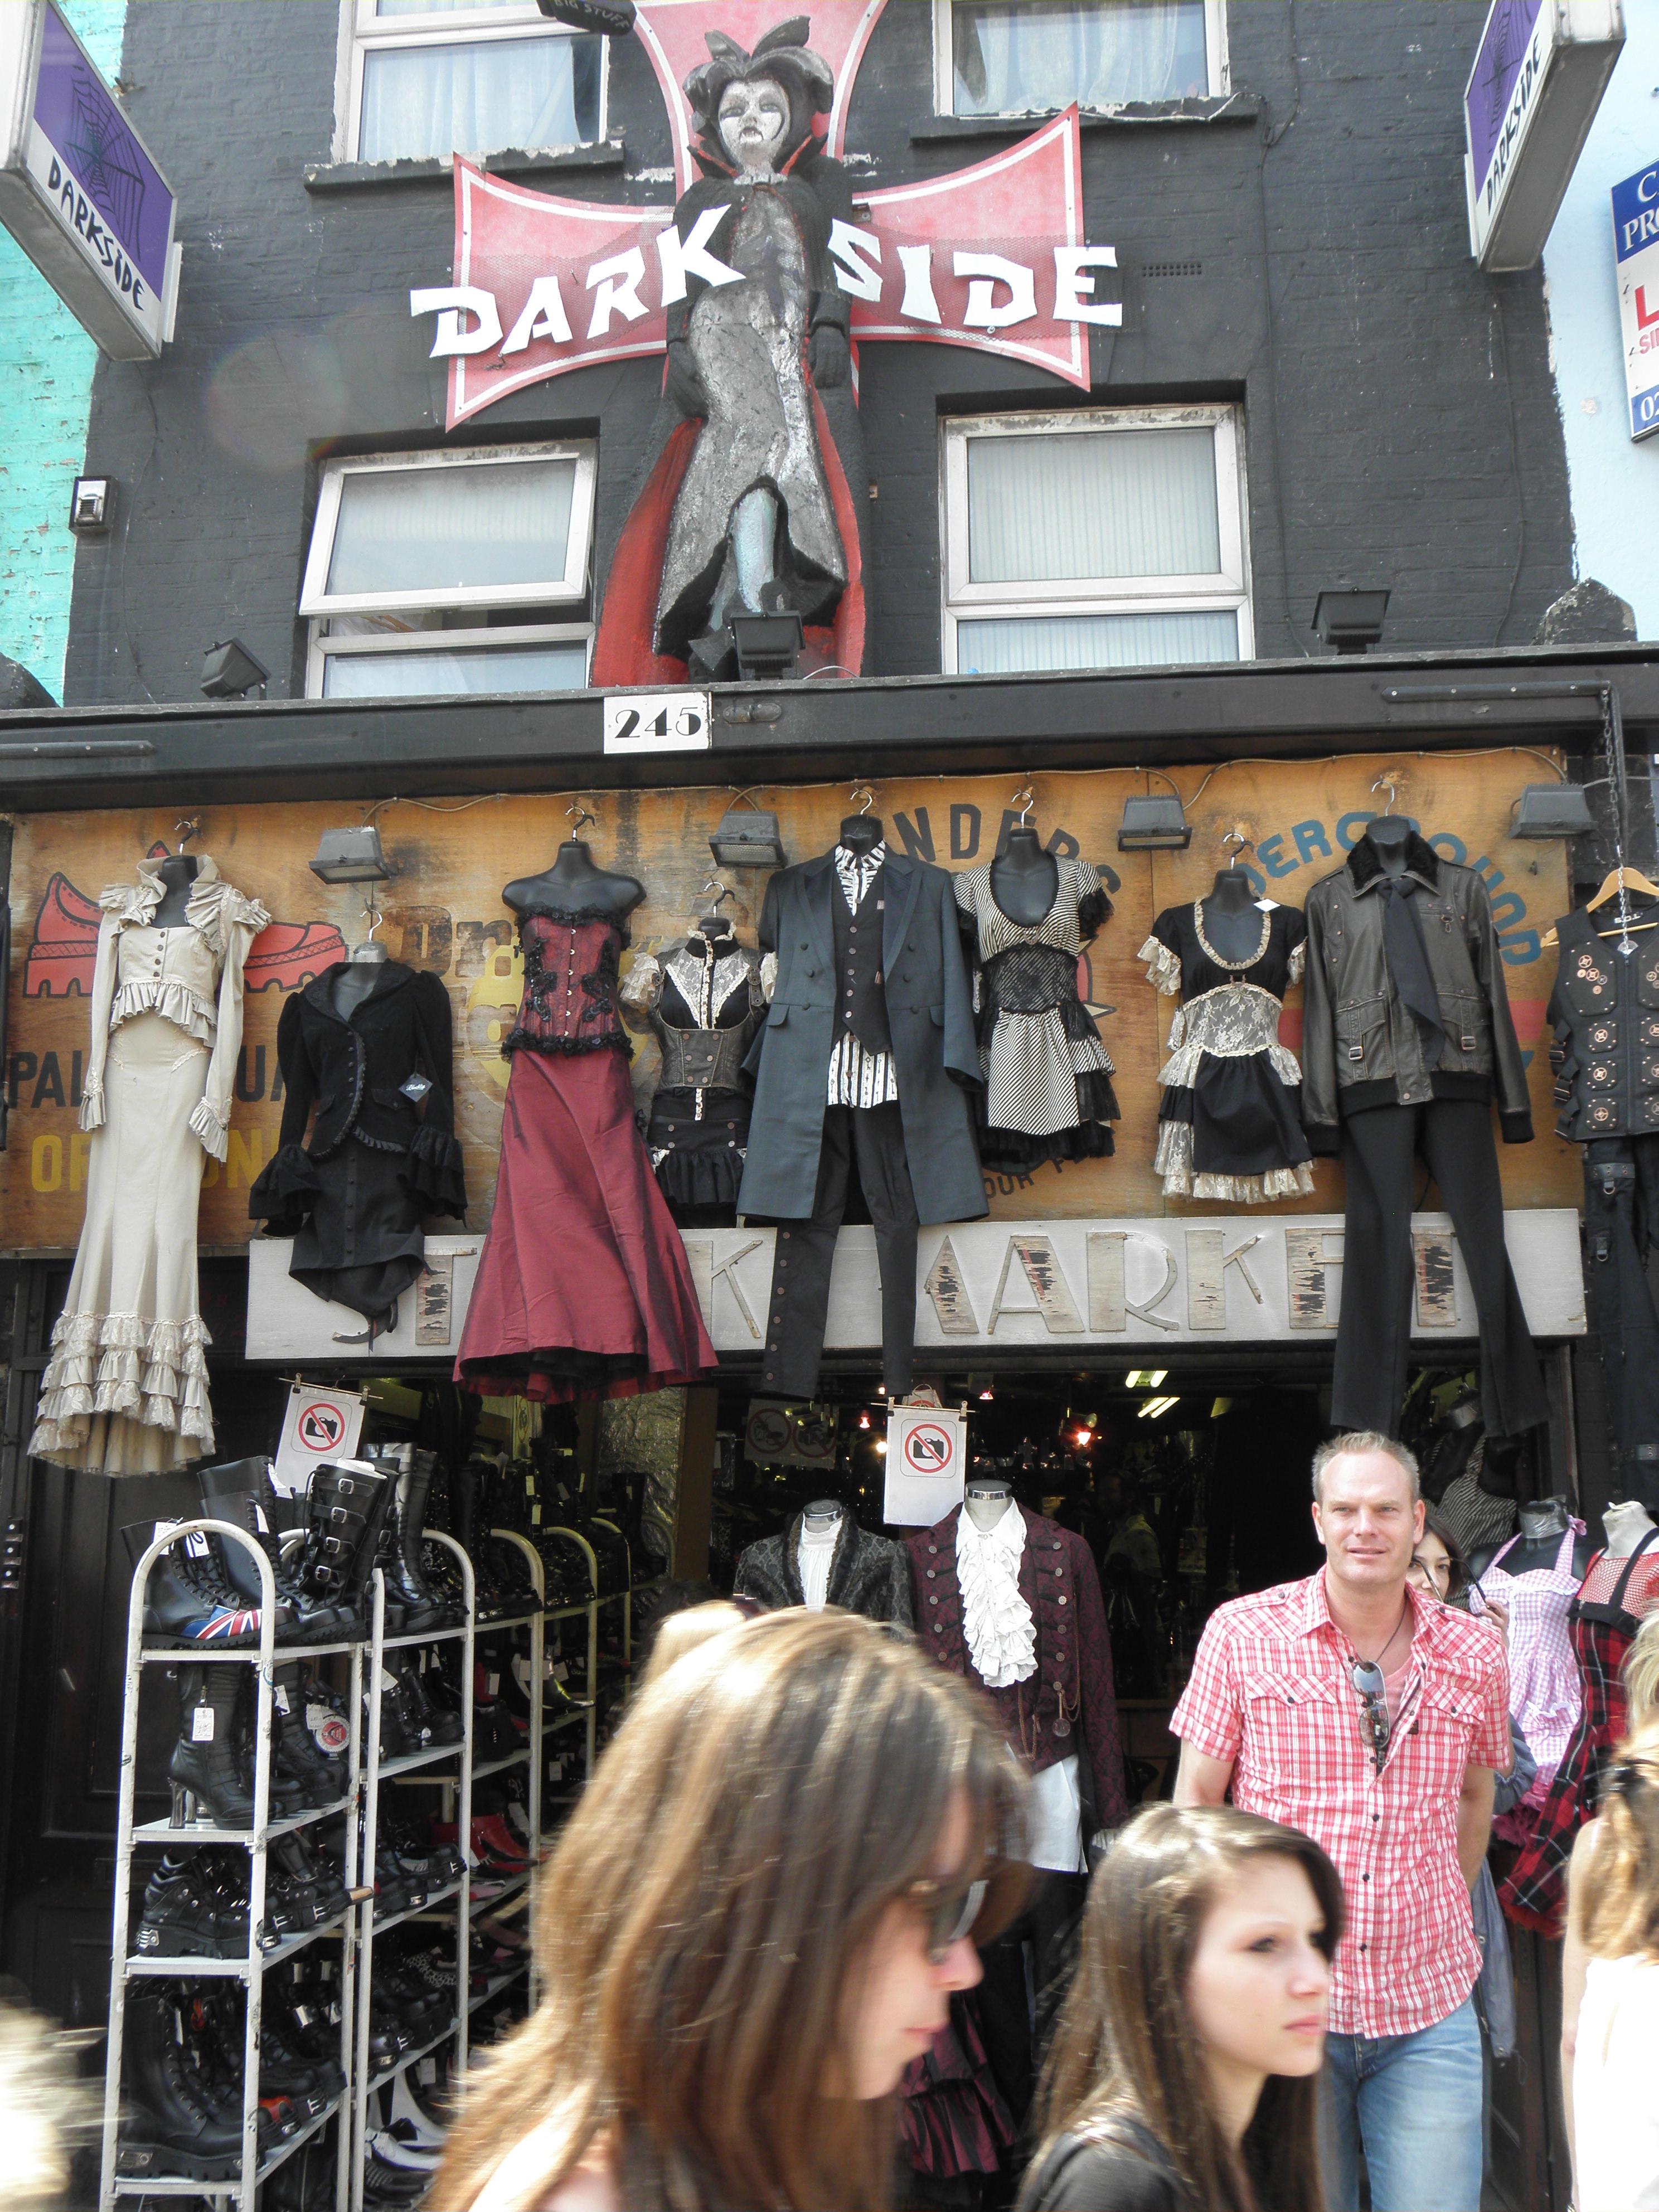 Hétvégi program: irány Camden Town! - legjobb-helyek, ajanlo -